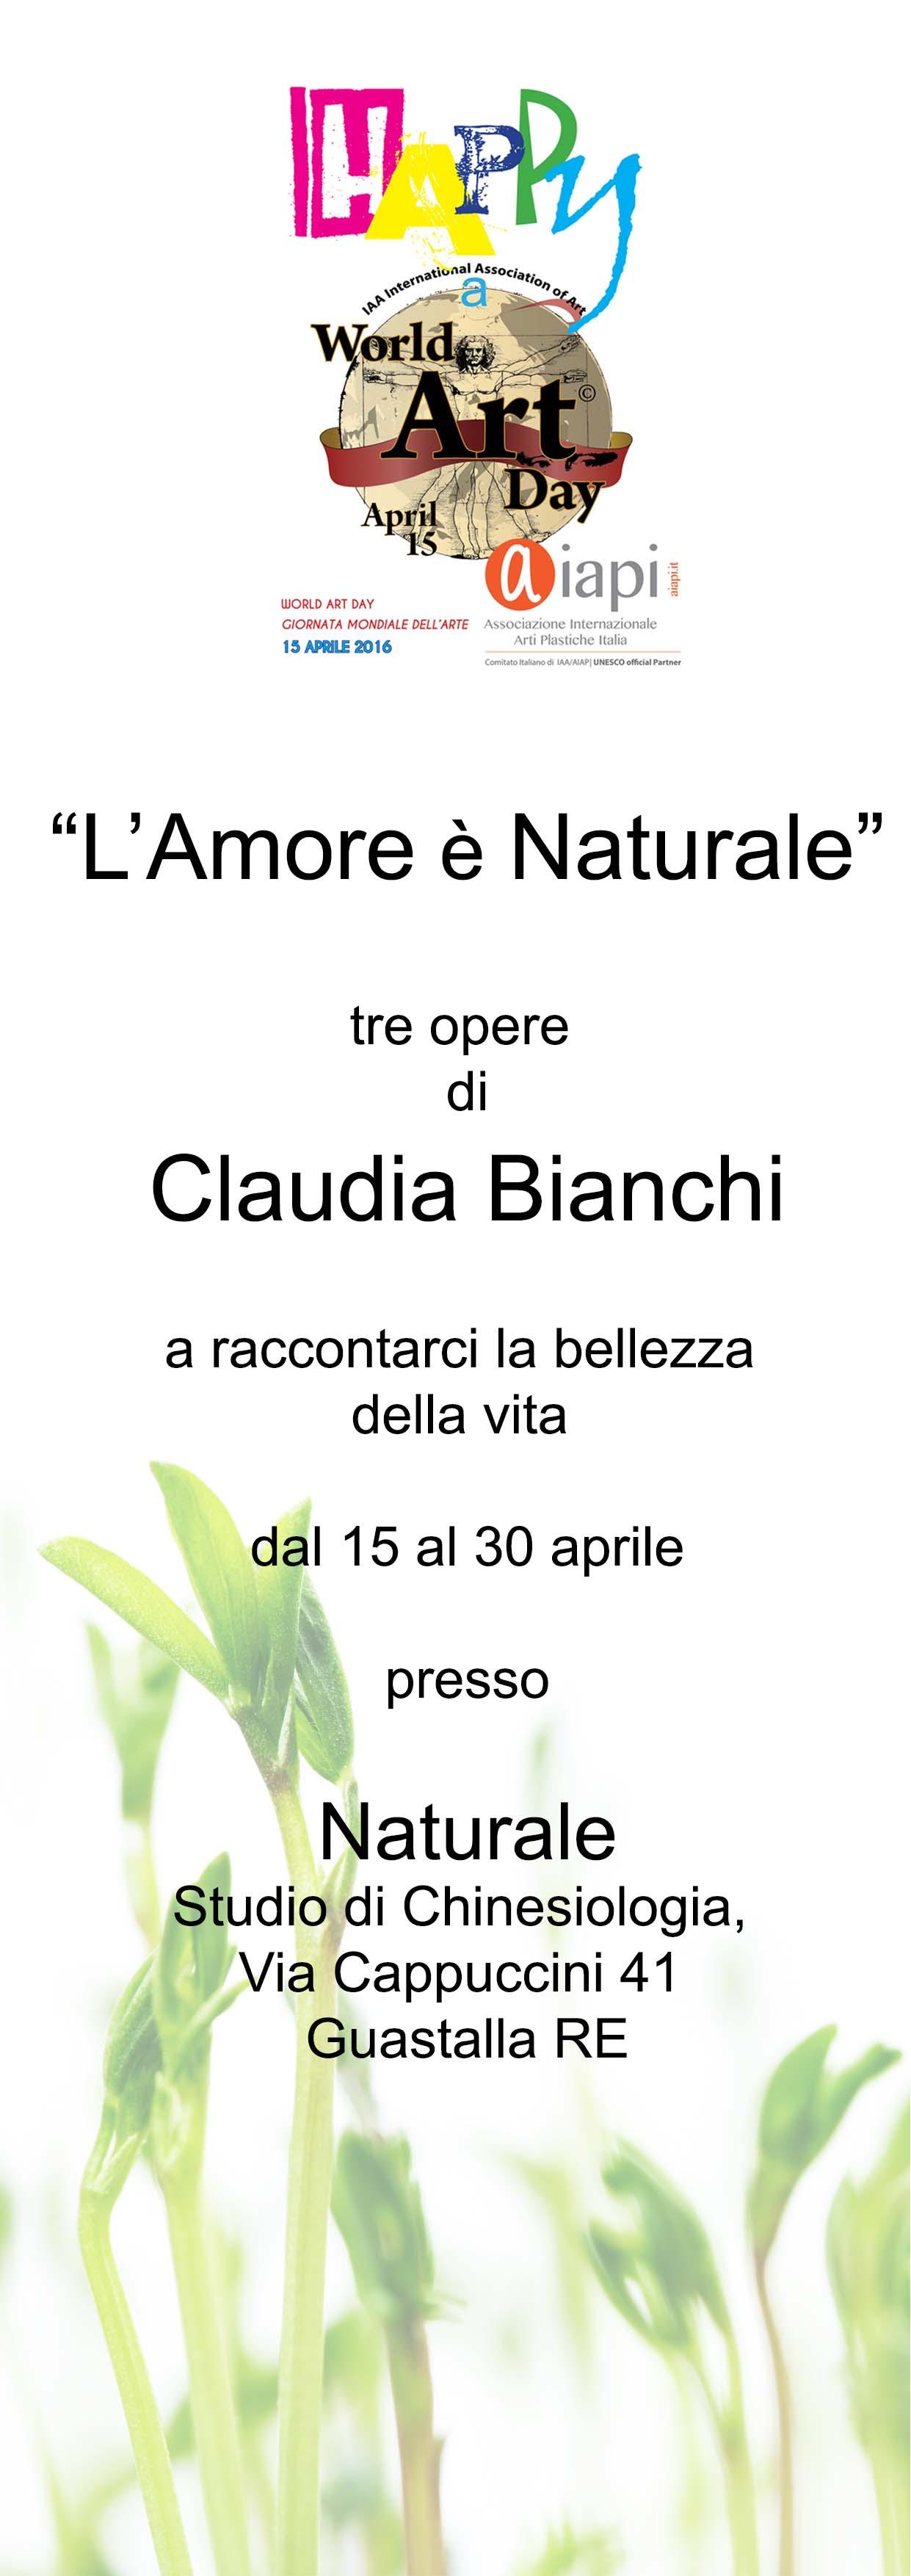 CLAUDIA BIANCHI AIAPI